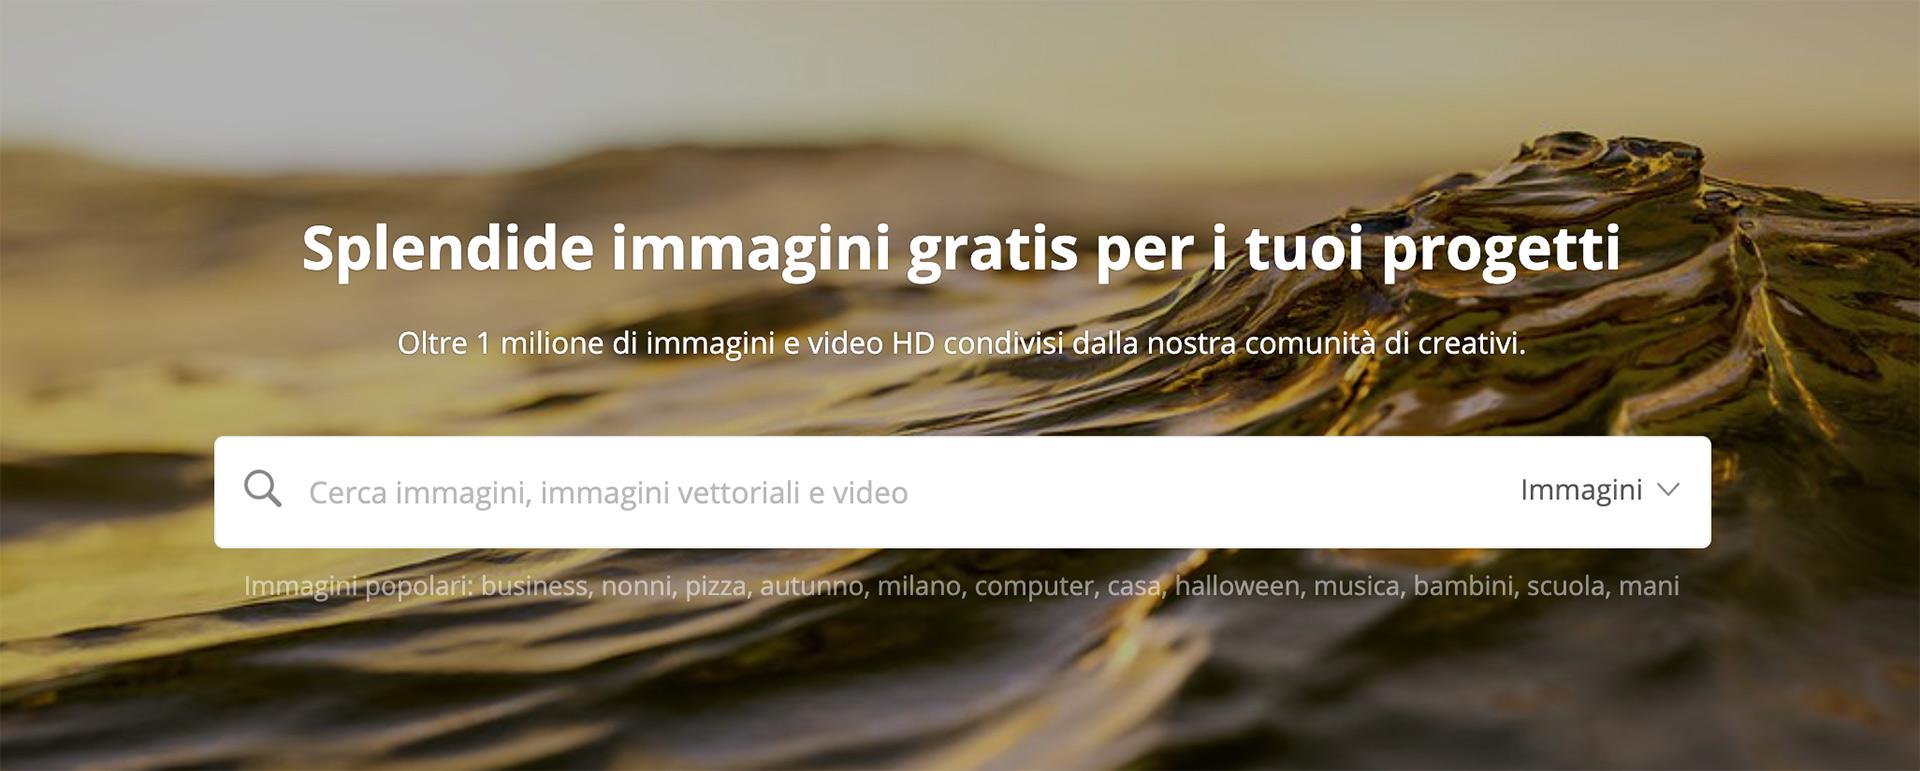 I migliori siti di Immagini Gratis ad uso Commerciale